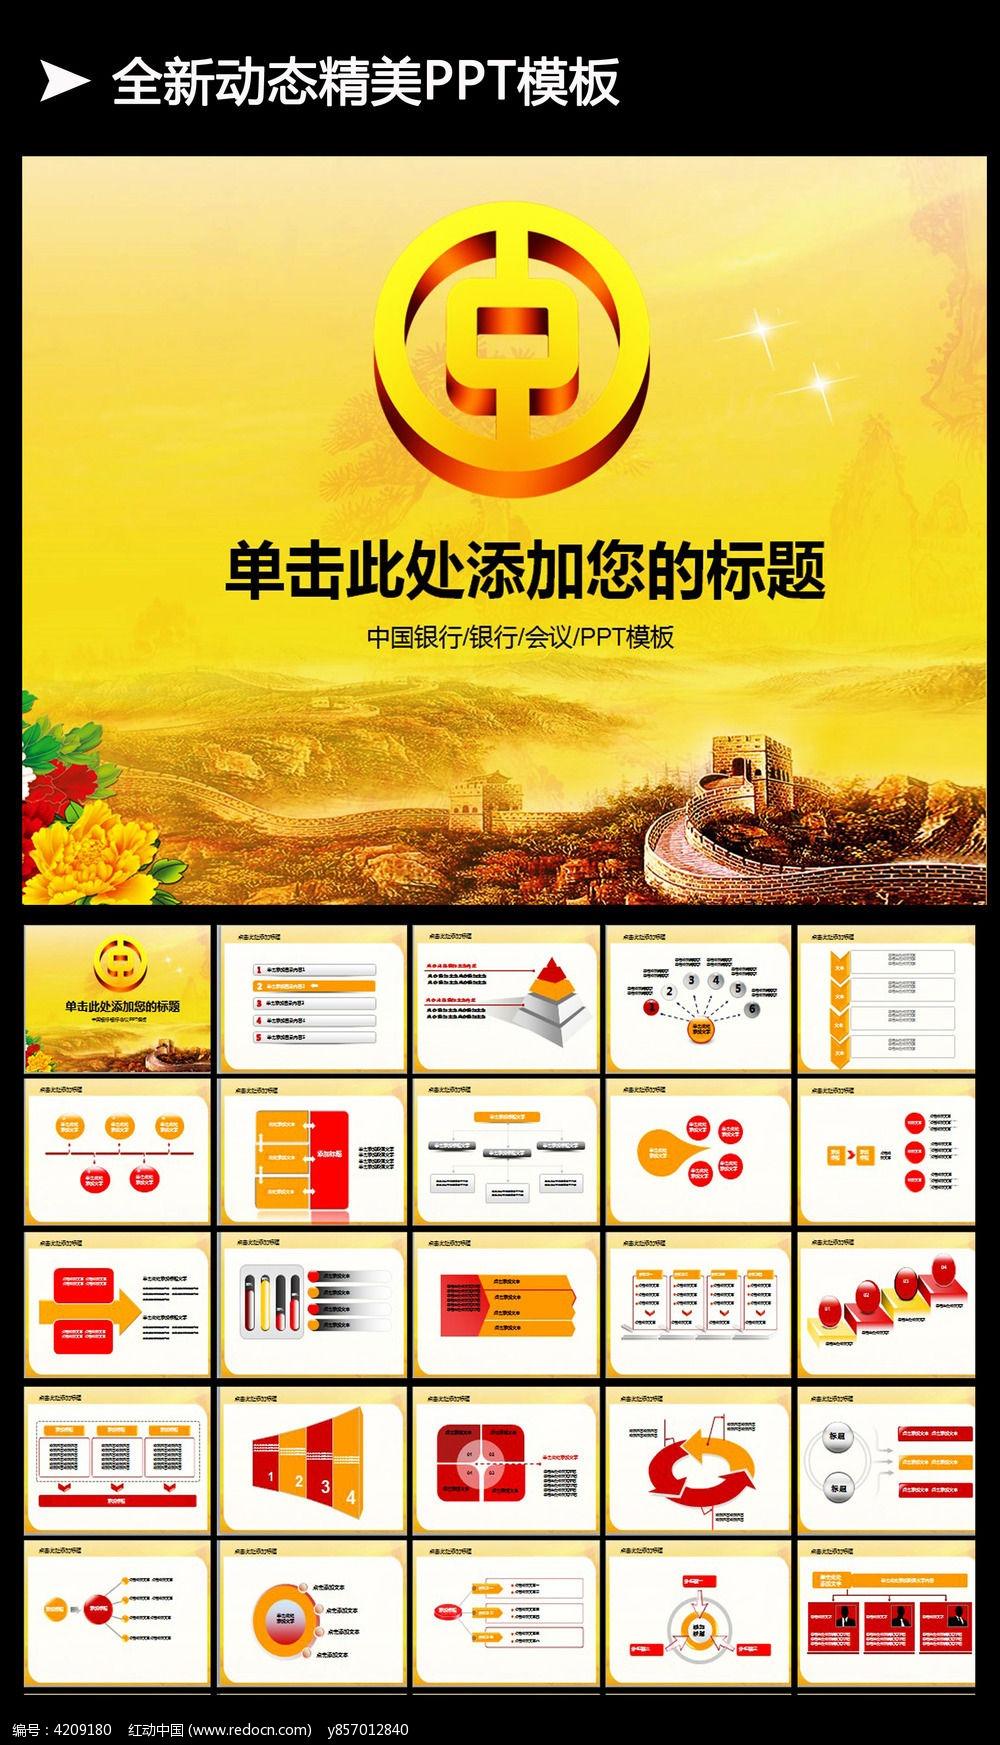 中国银行理财动态ppt模板